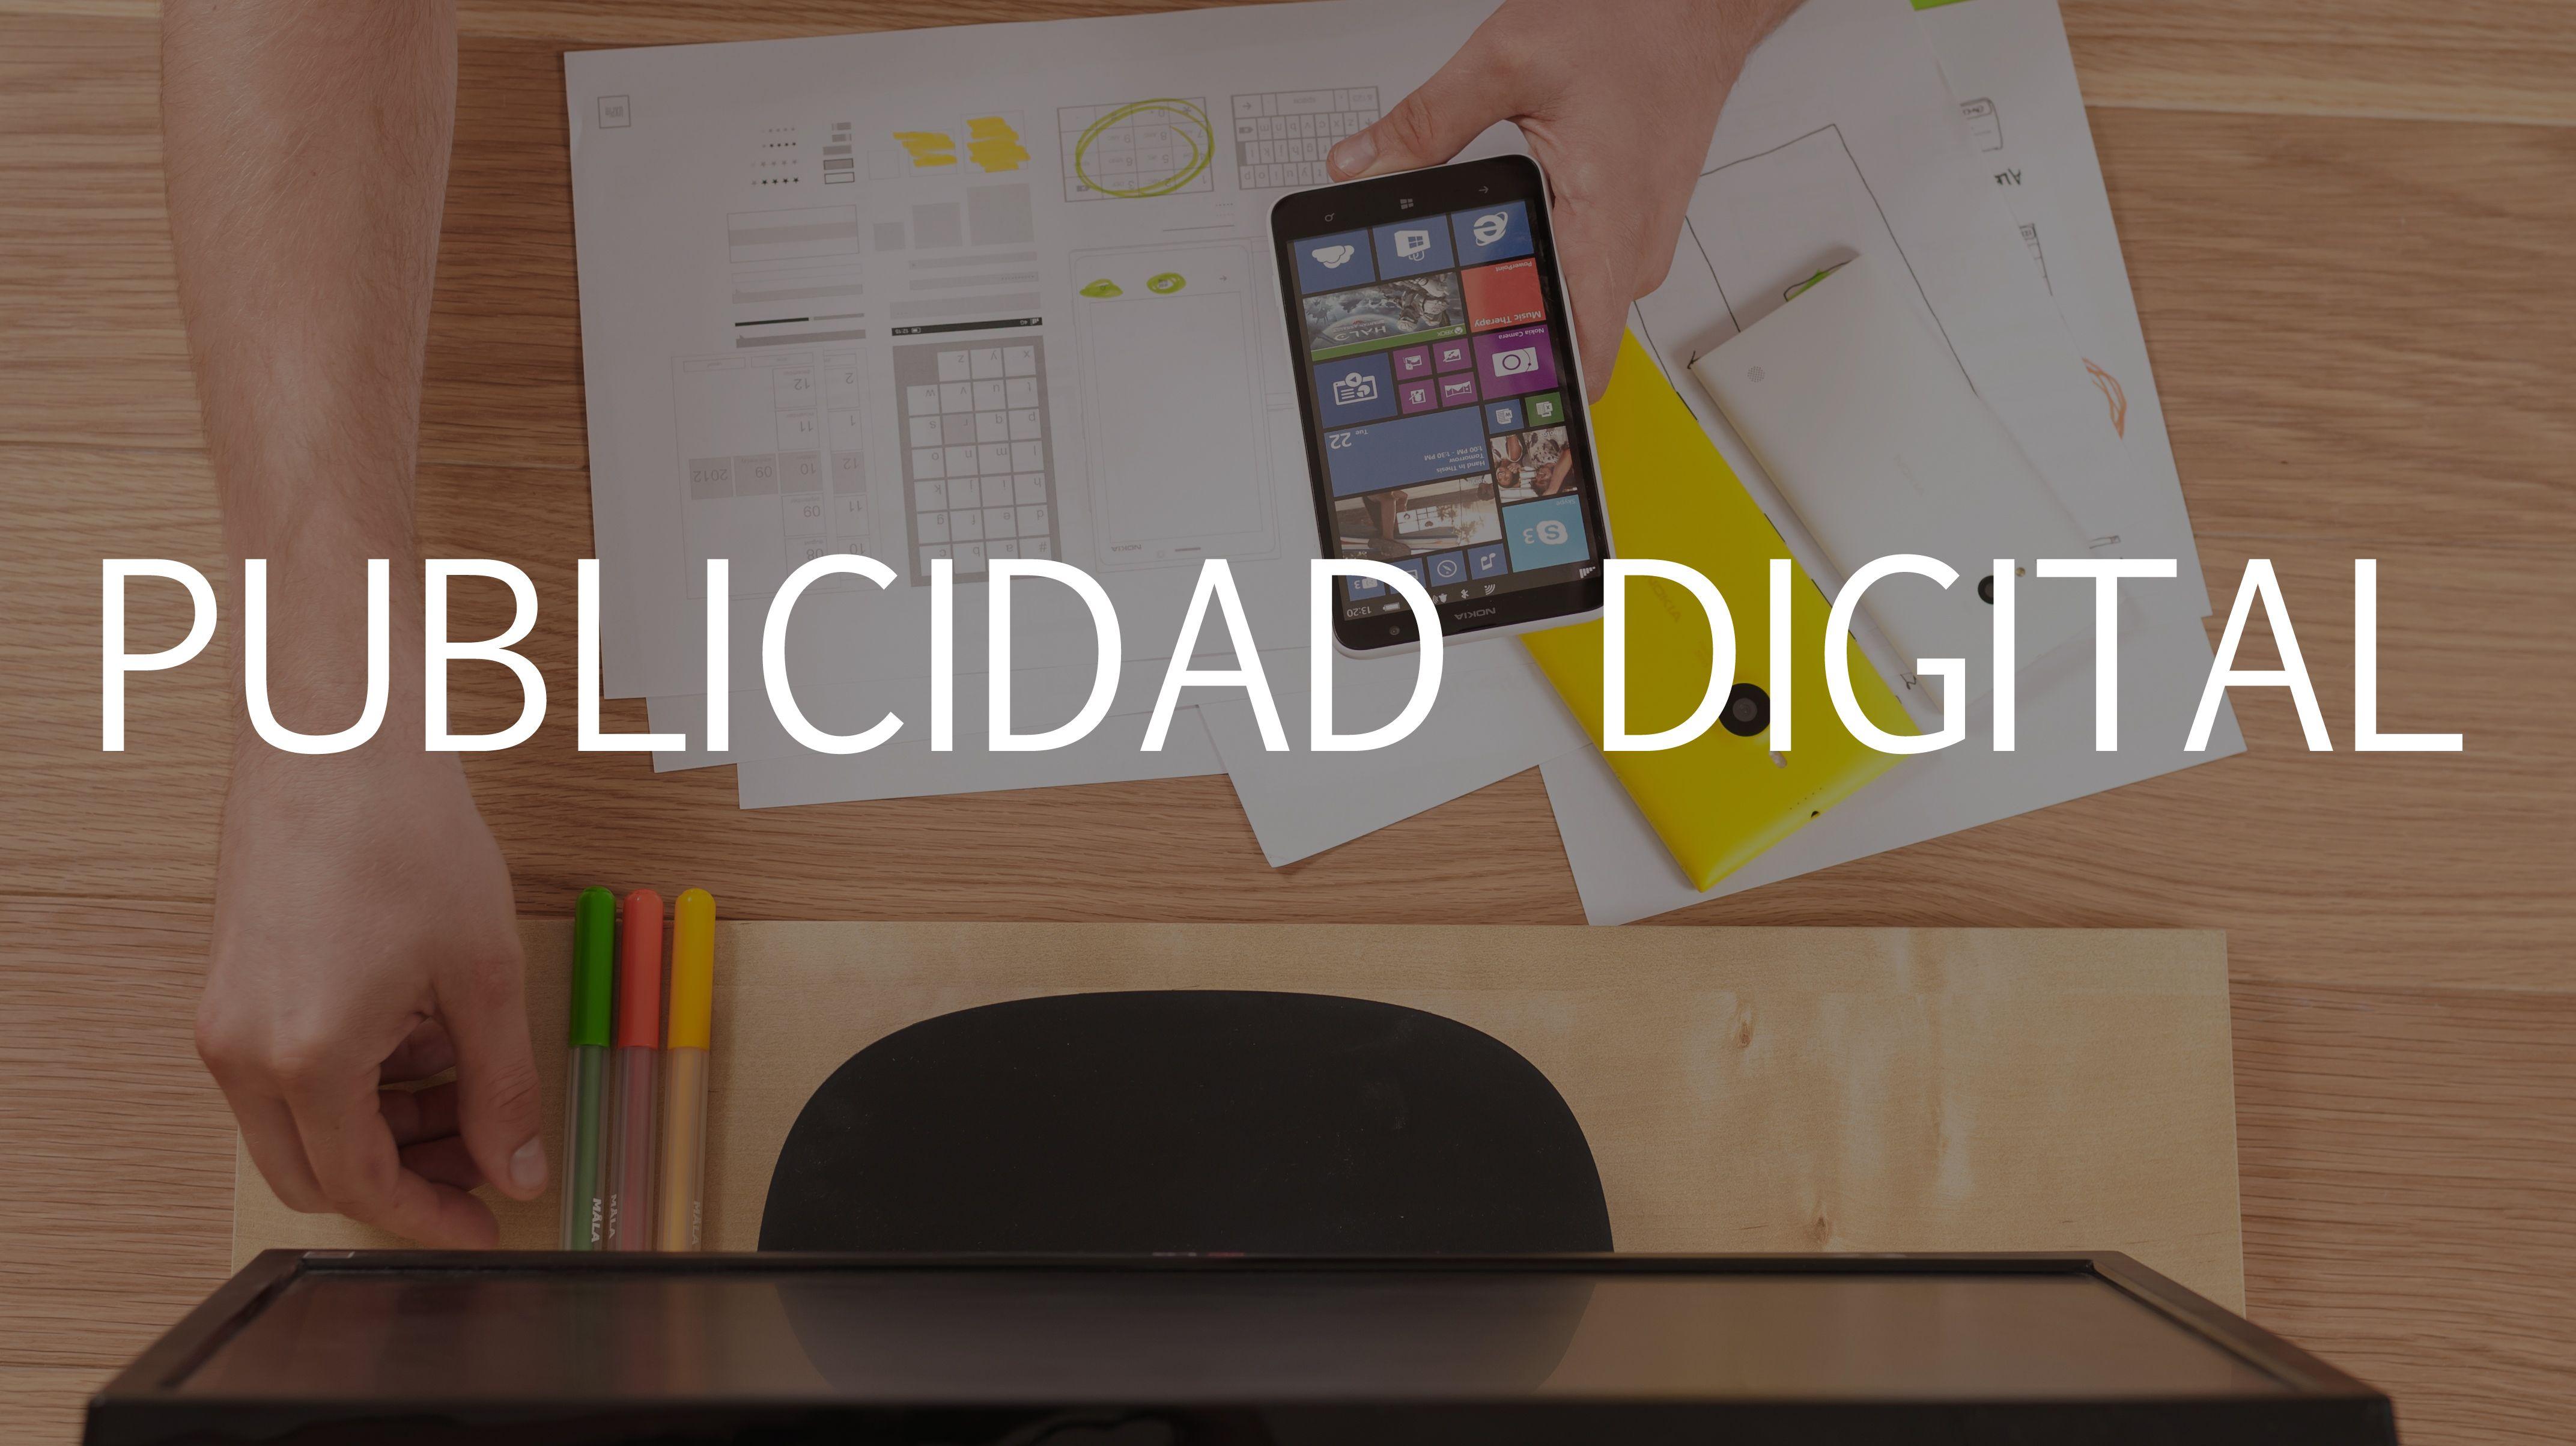 Publicidad digital en Internet